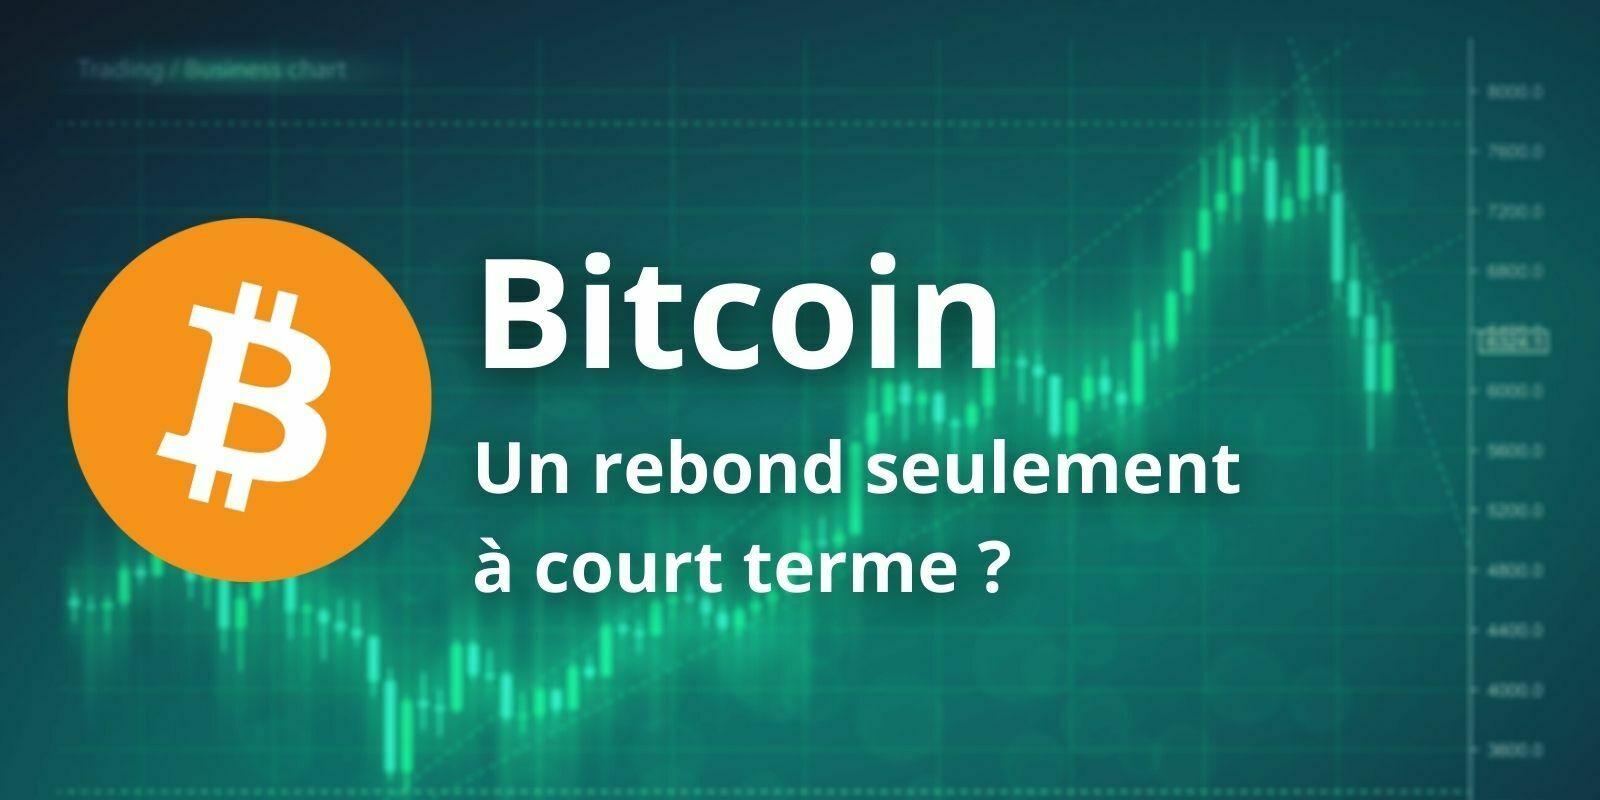 Le Bitcoin (BTC) rebondit après une semaine de correction